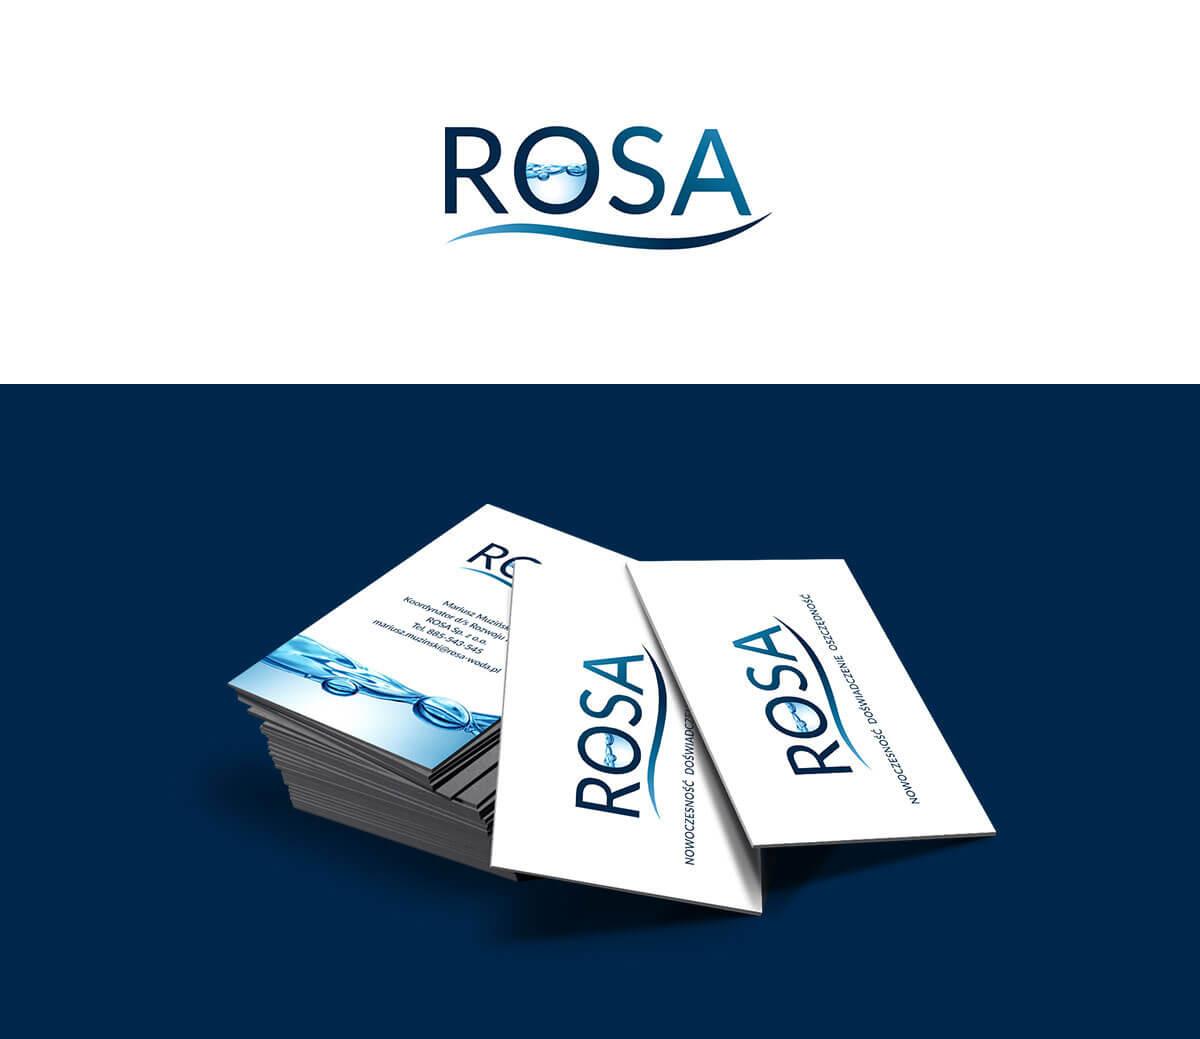 projektowanie logo Rosa